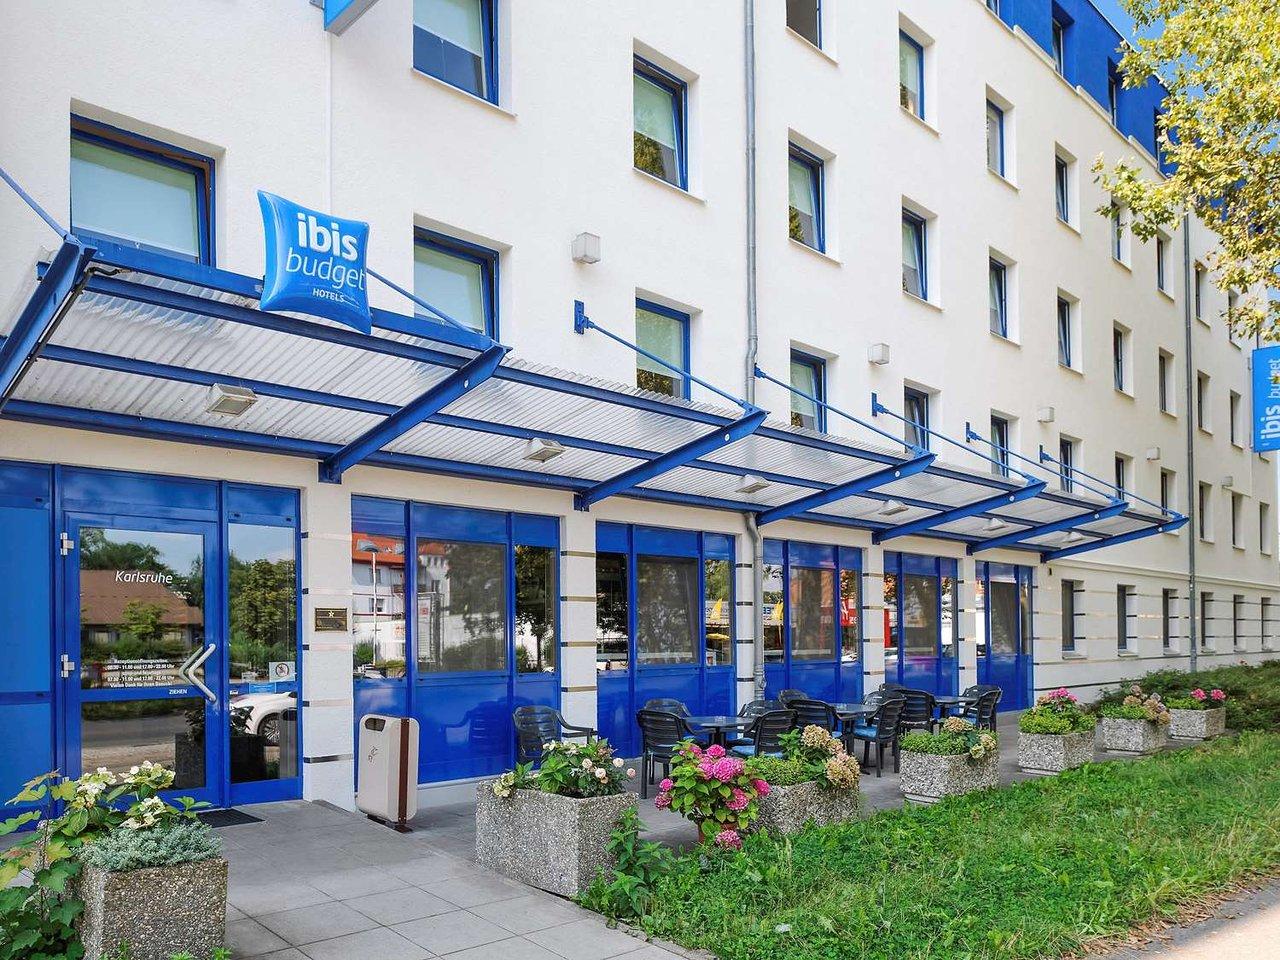 Zoologischer Garten Karlsruhe Frisch the 10 Best Hotels In Karlsruhe for 2020 From $34